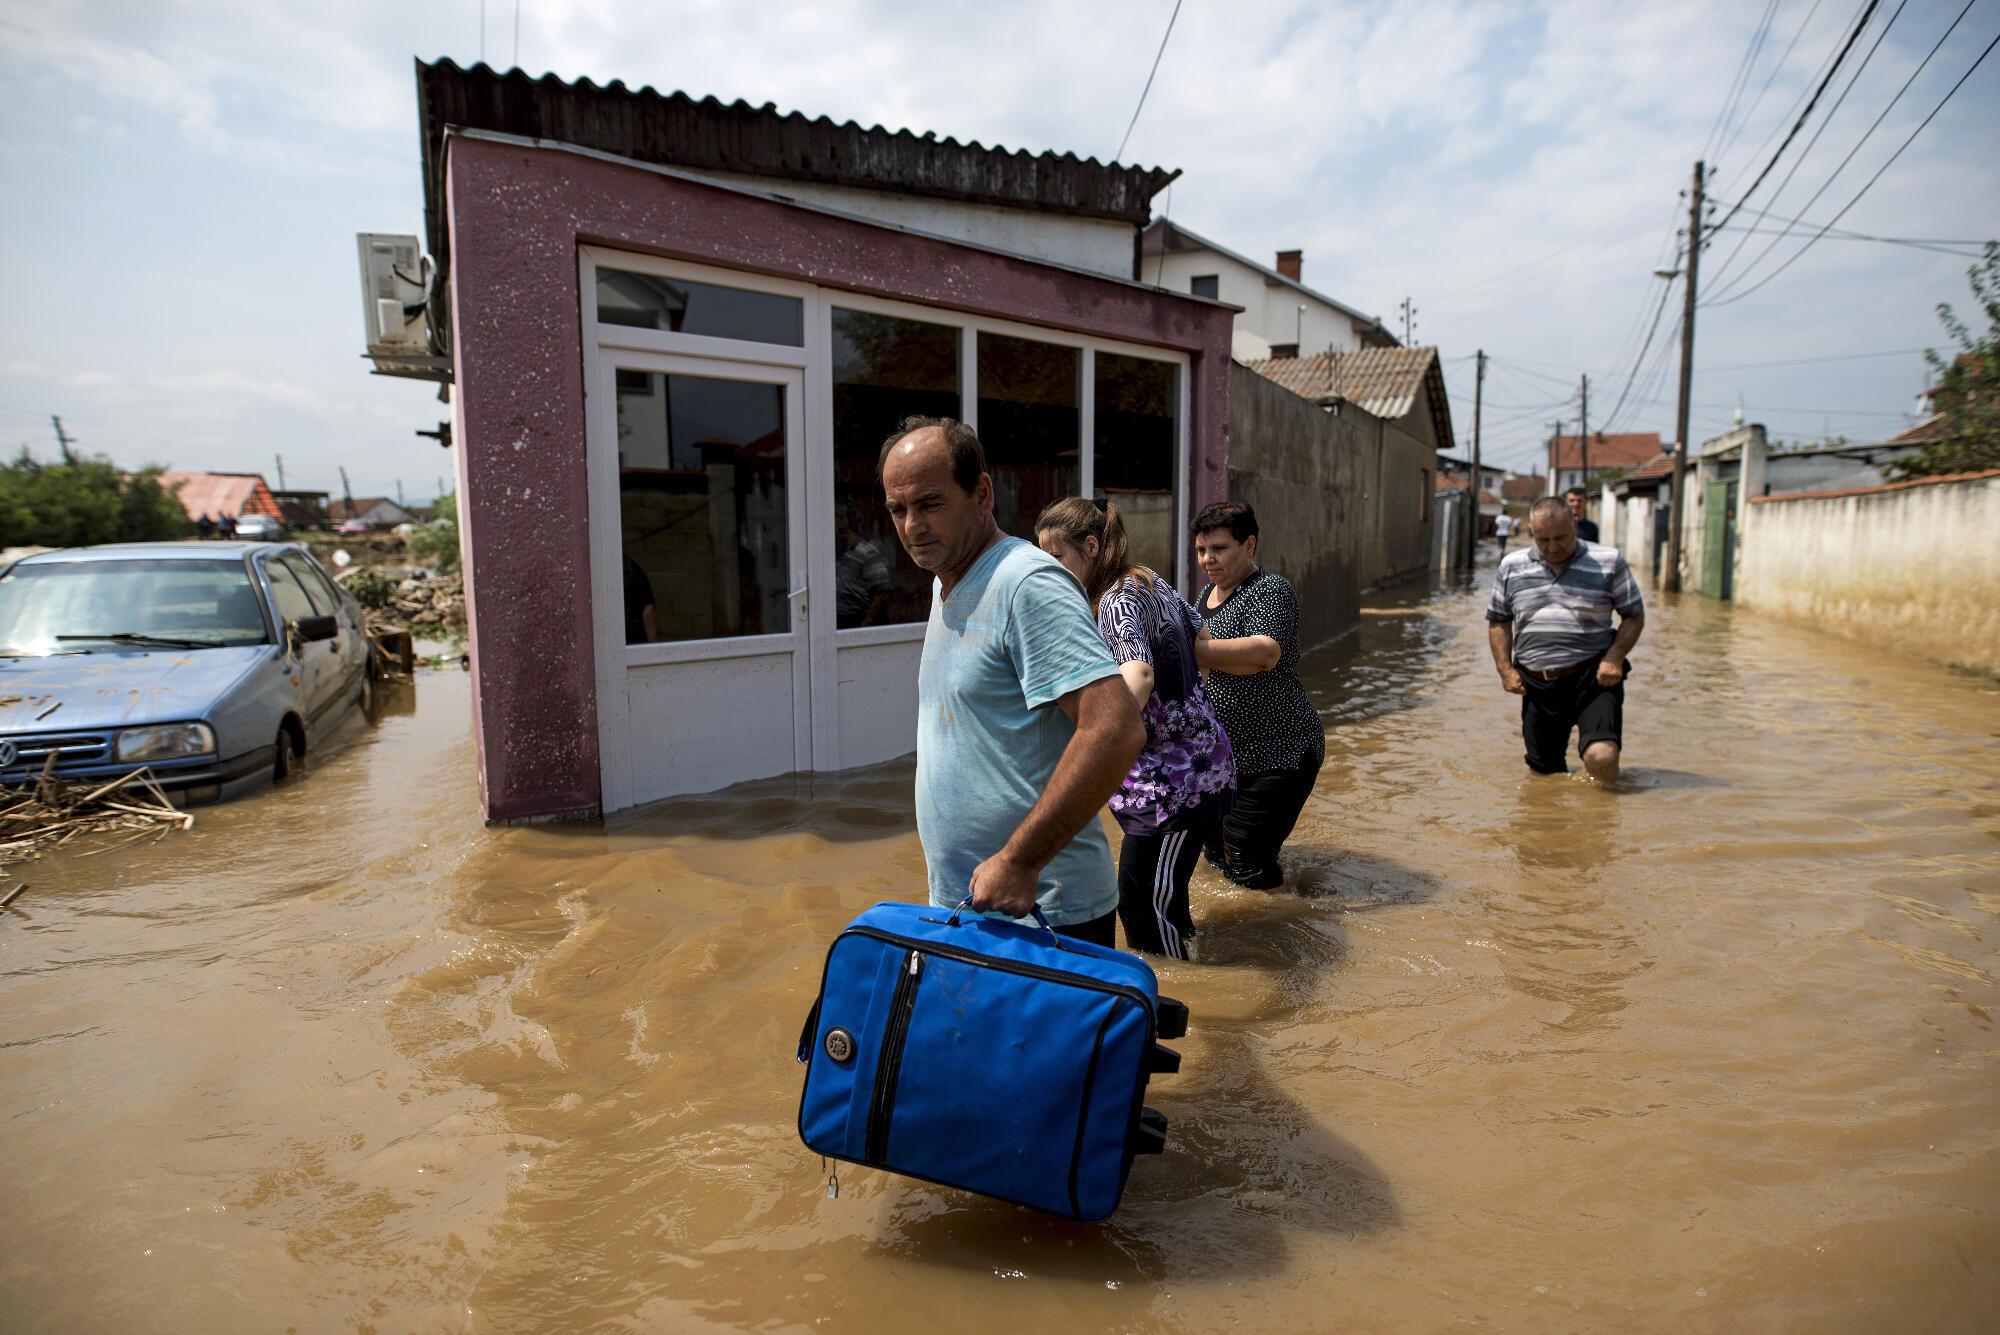 Des habitants de Stakkovci, près de Skopje, en Macédoine, photographiés alors qu'ils s'échappent des inondations dues à de violents orages, le 7 août 2016.